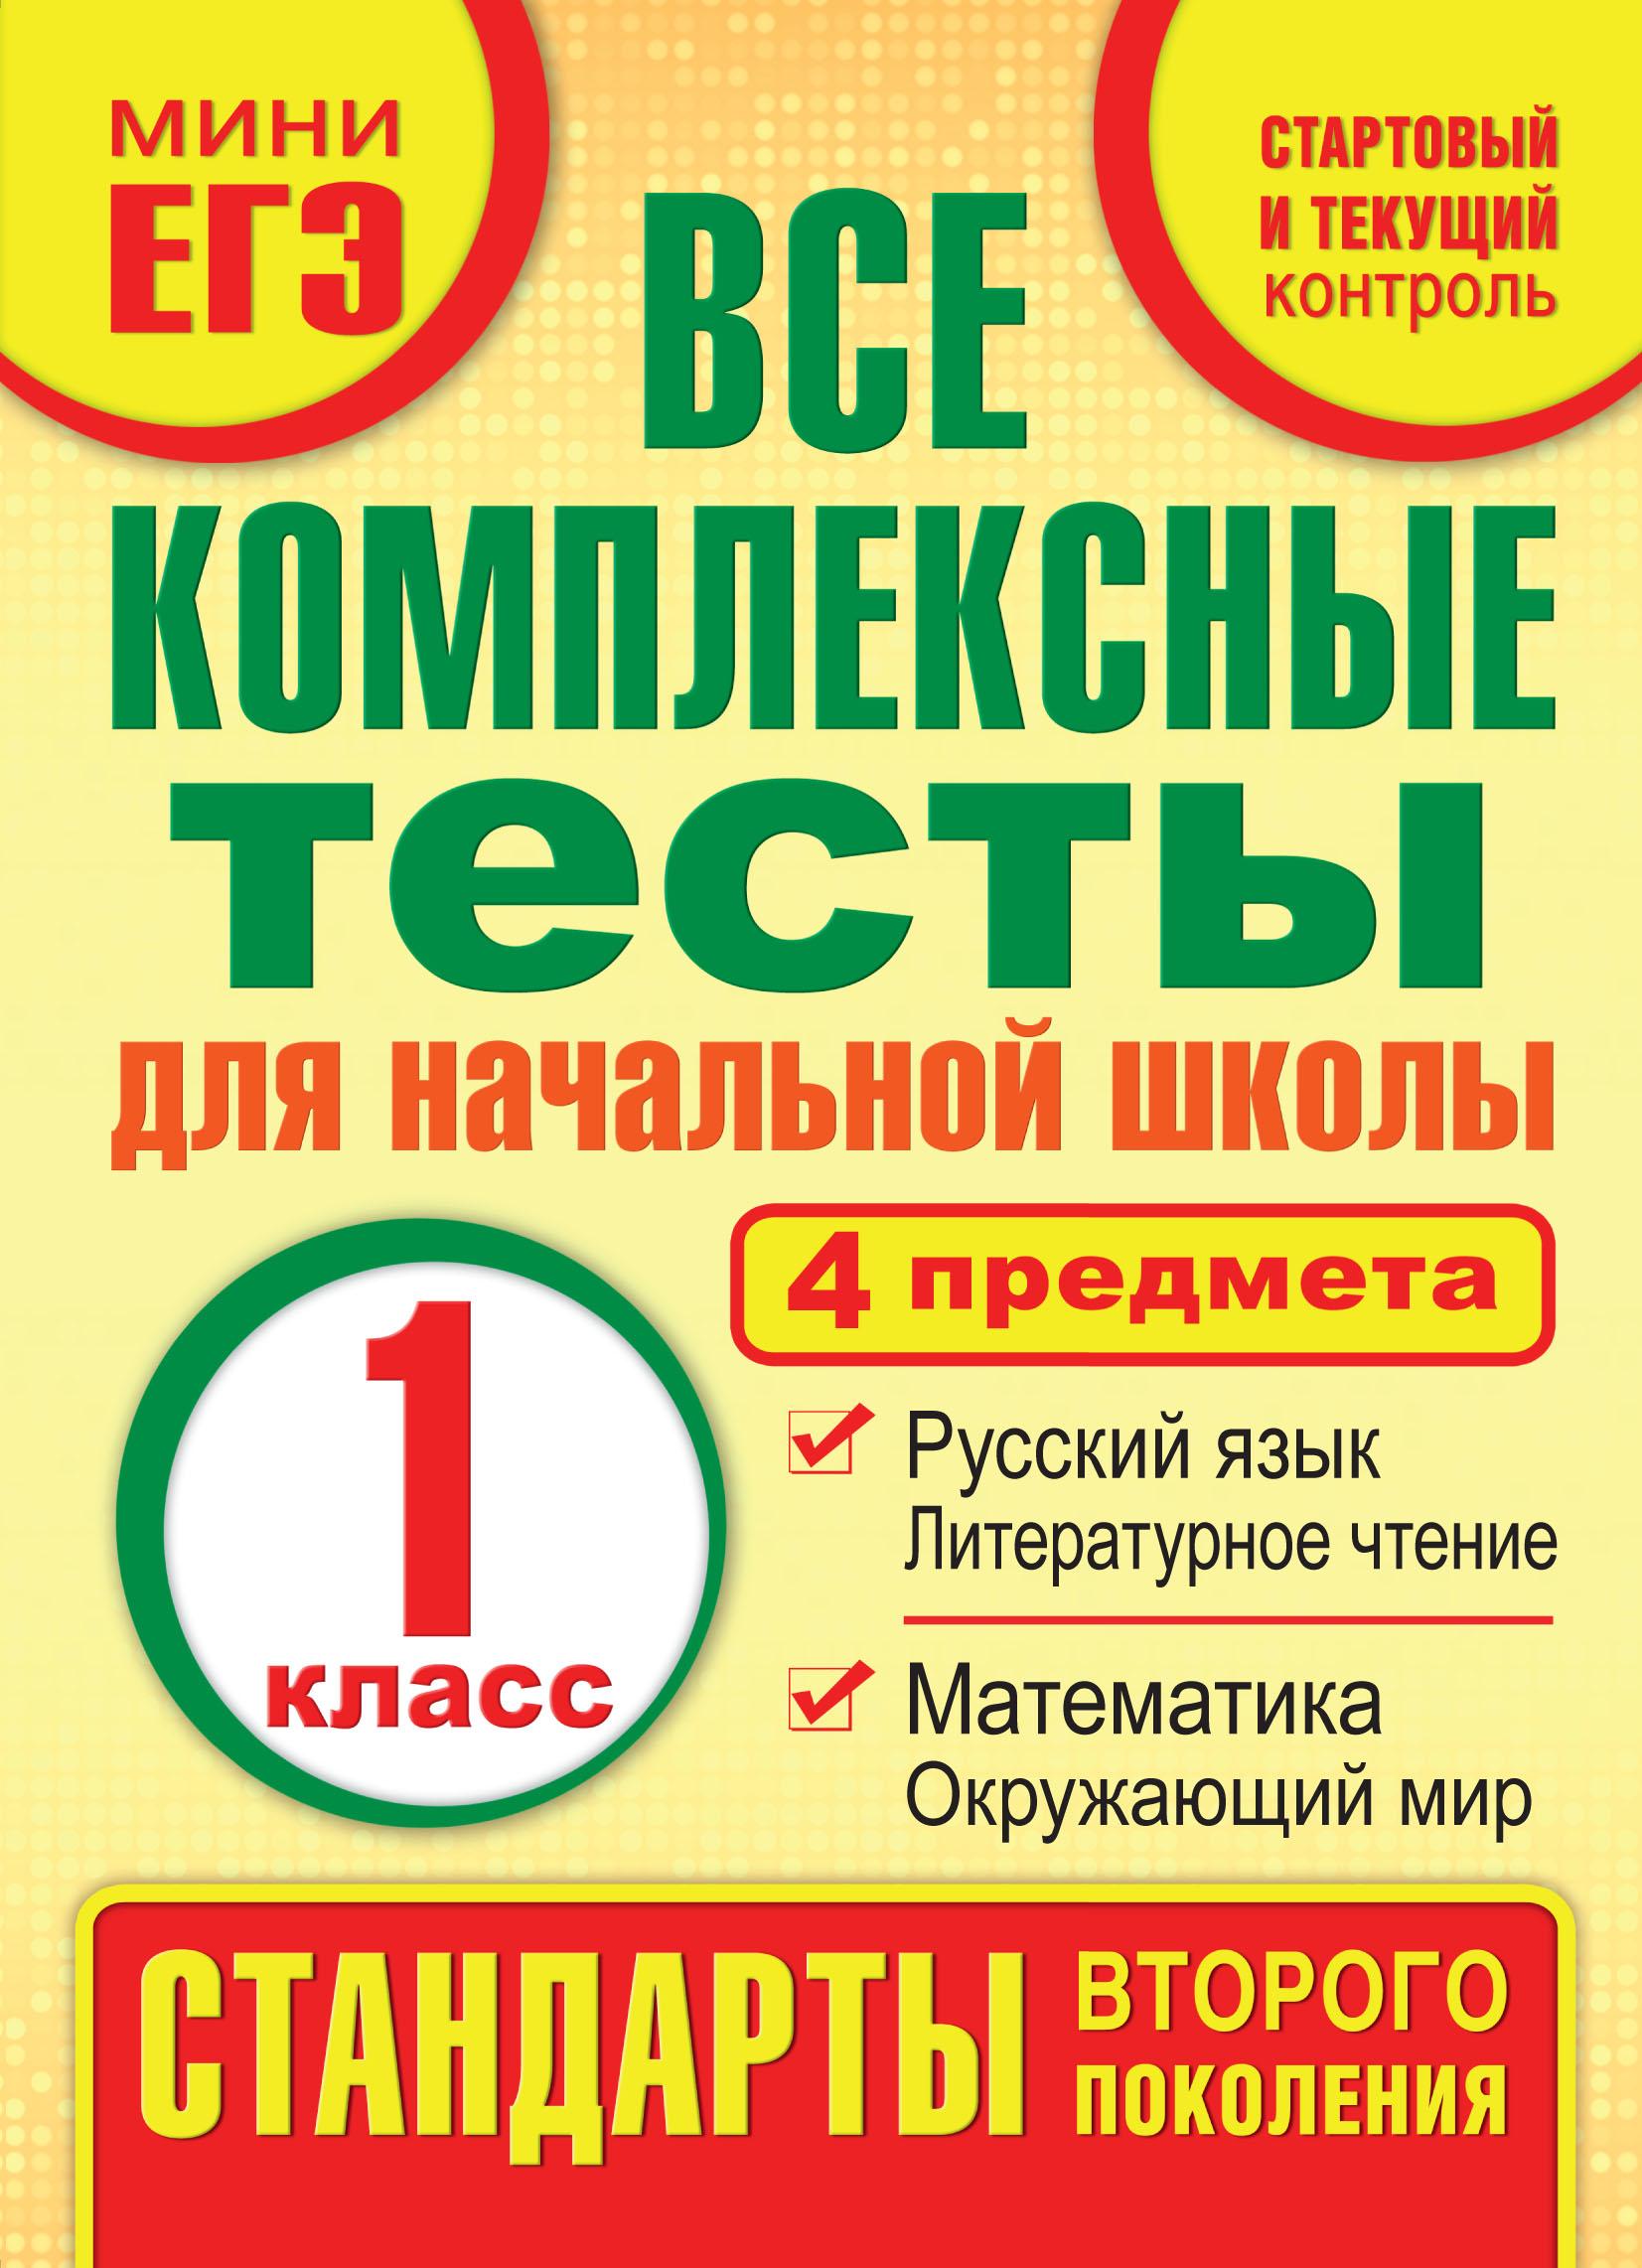 цена на М. А. Танько Все комплексные тесты для начальной школы. Математика, окружающий мир, русский язык, литературное чтение (стартовый и текущий контроль). 1 класс